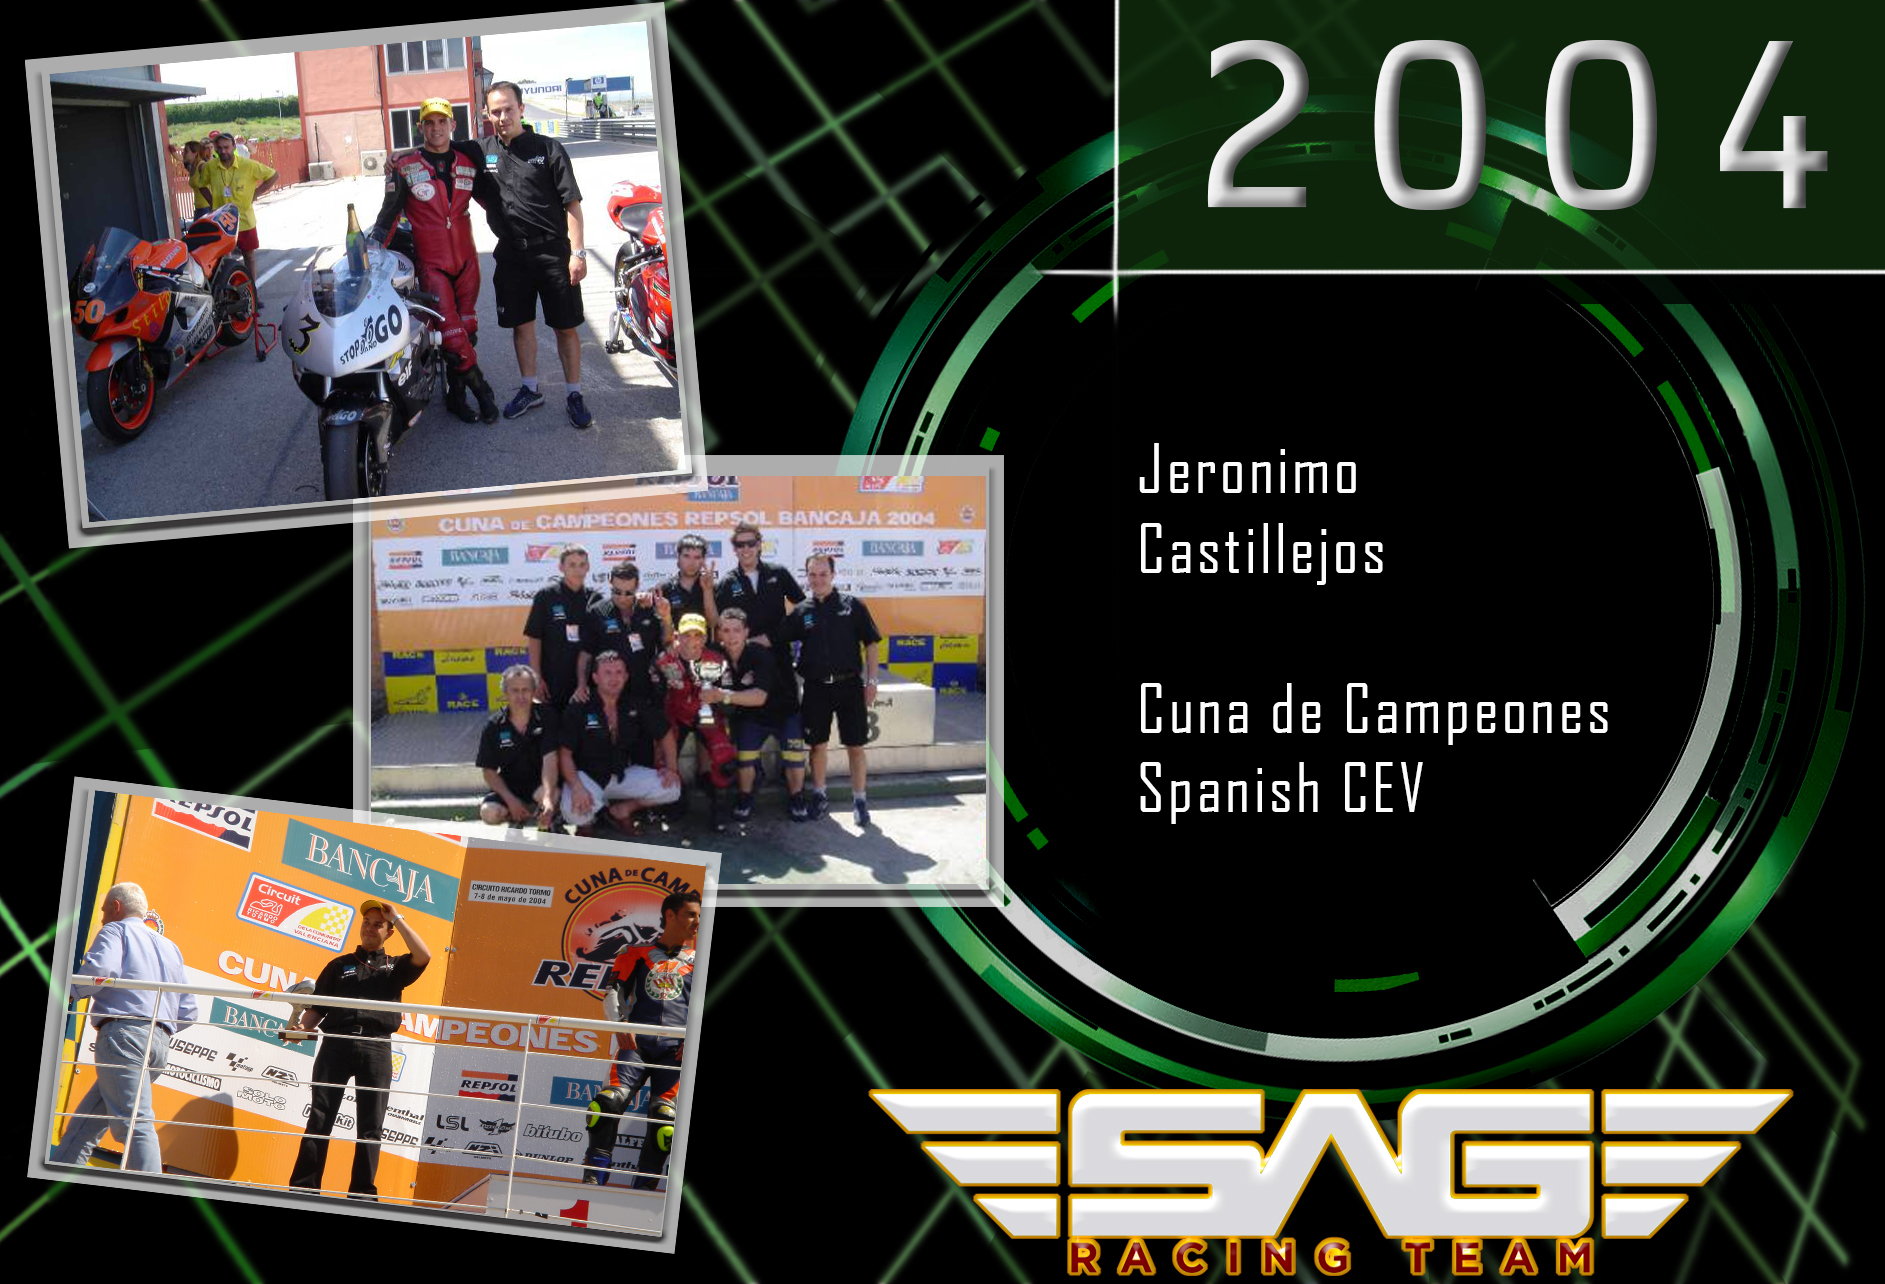 CEV & Cuna de Campeones Rider Jerónimo Castillejos